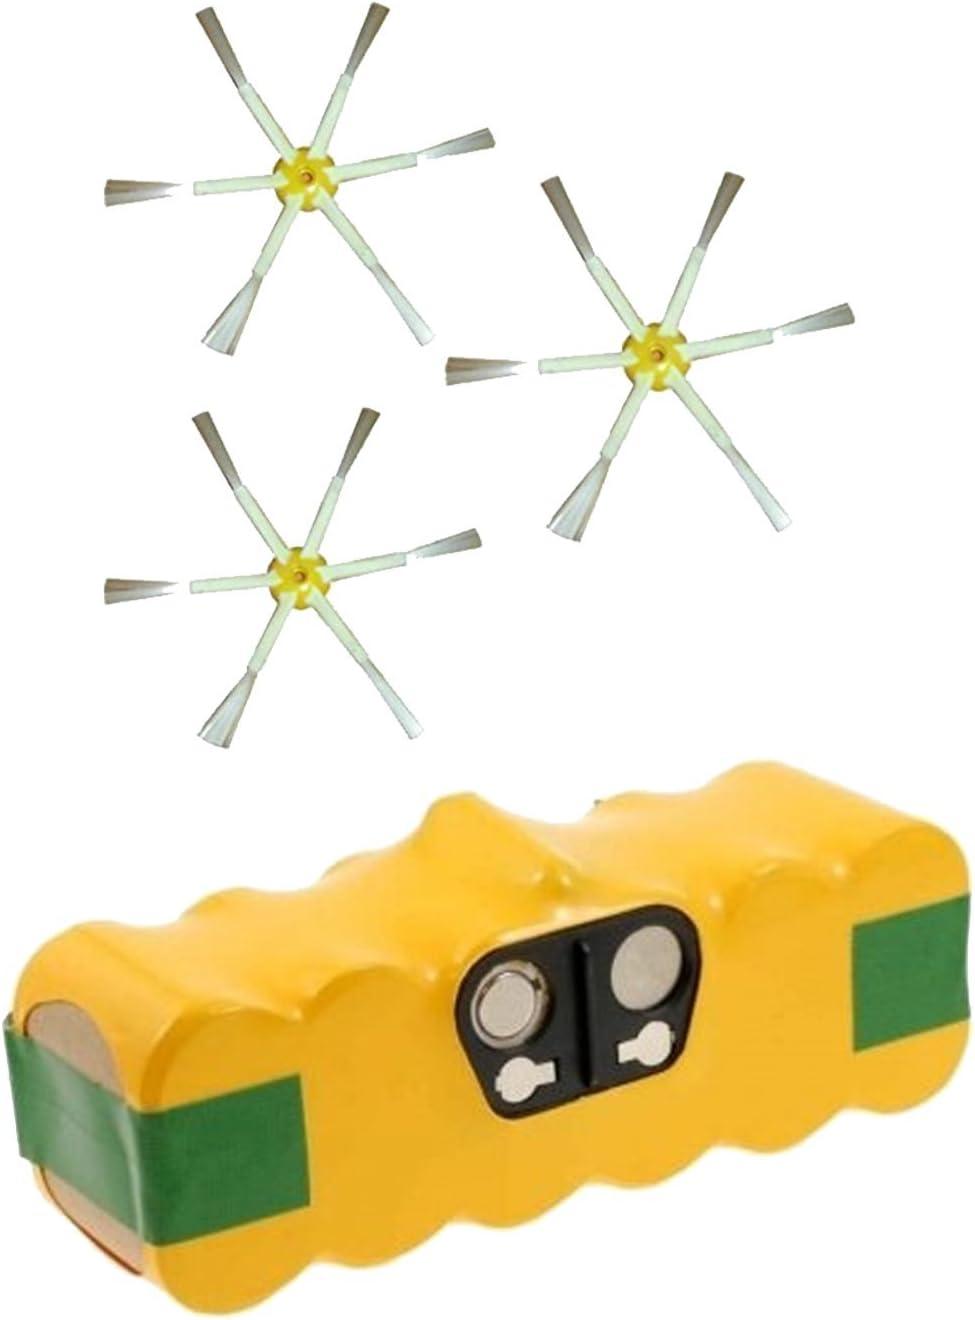 Batería + Cepillos laterales 6 brazos para iRobot Roomba serie 600 ...